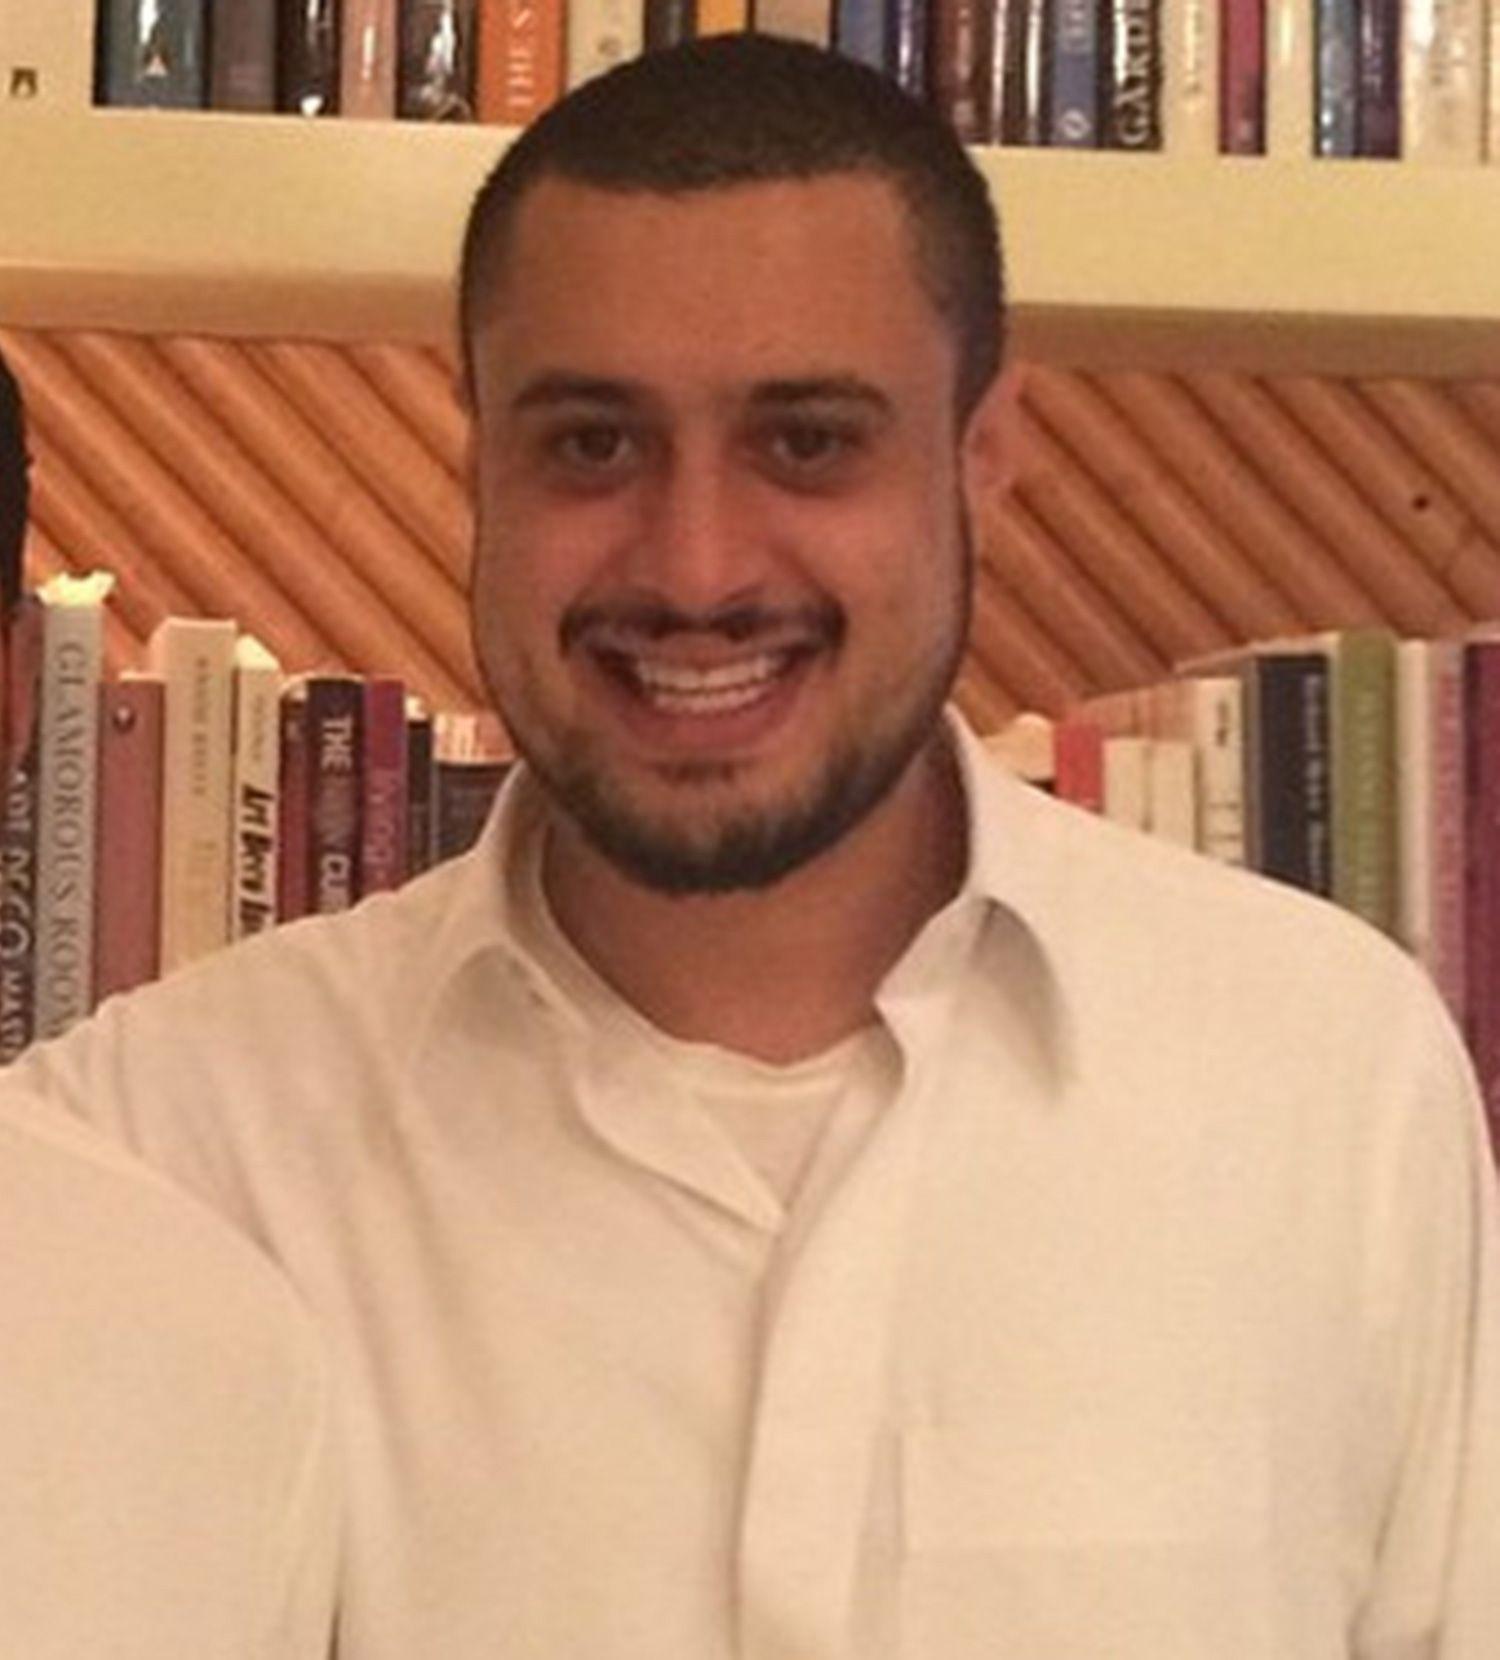 Prince Aziz al Saud